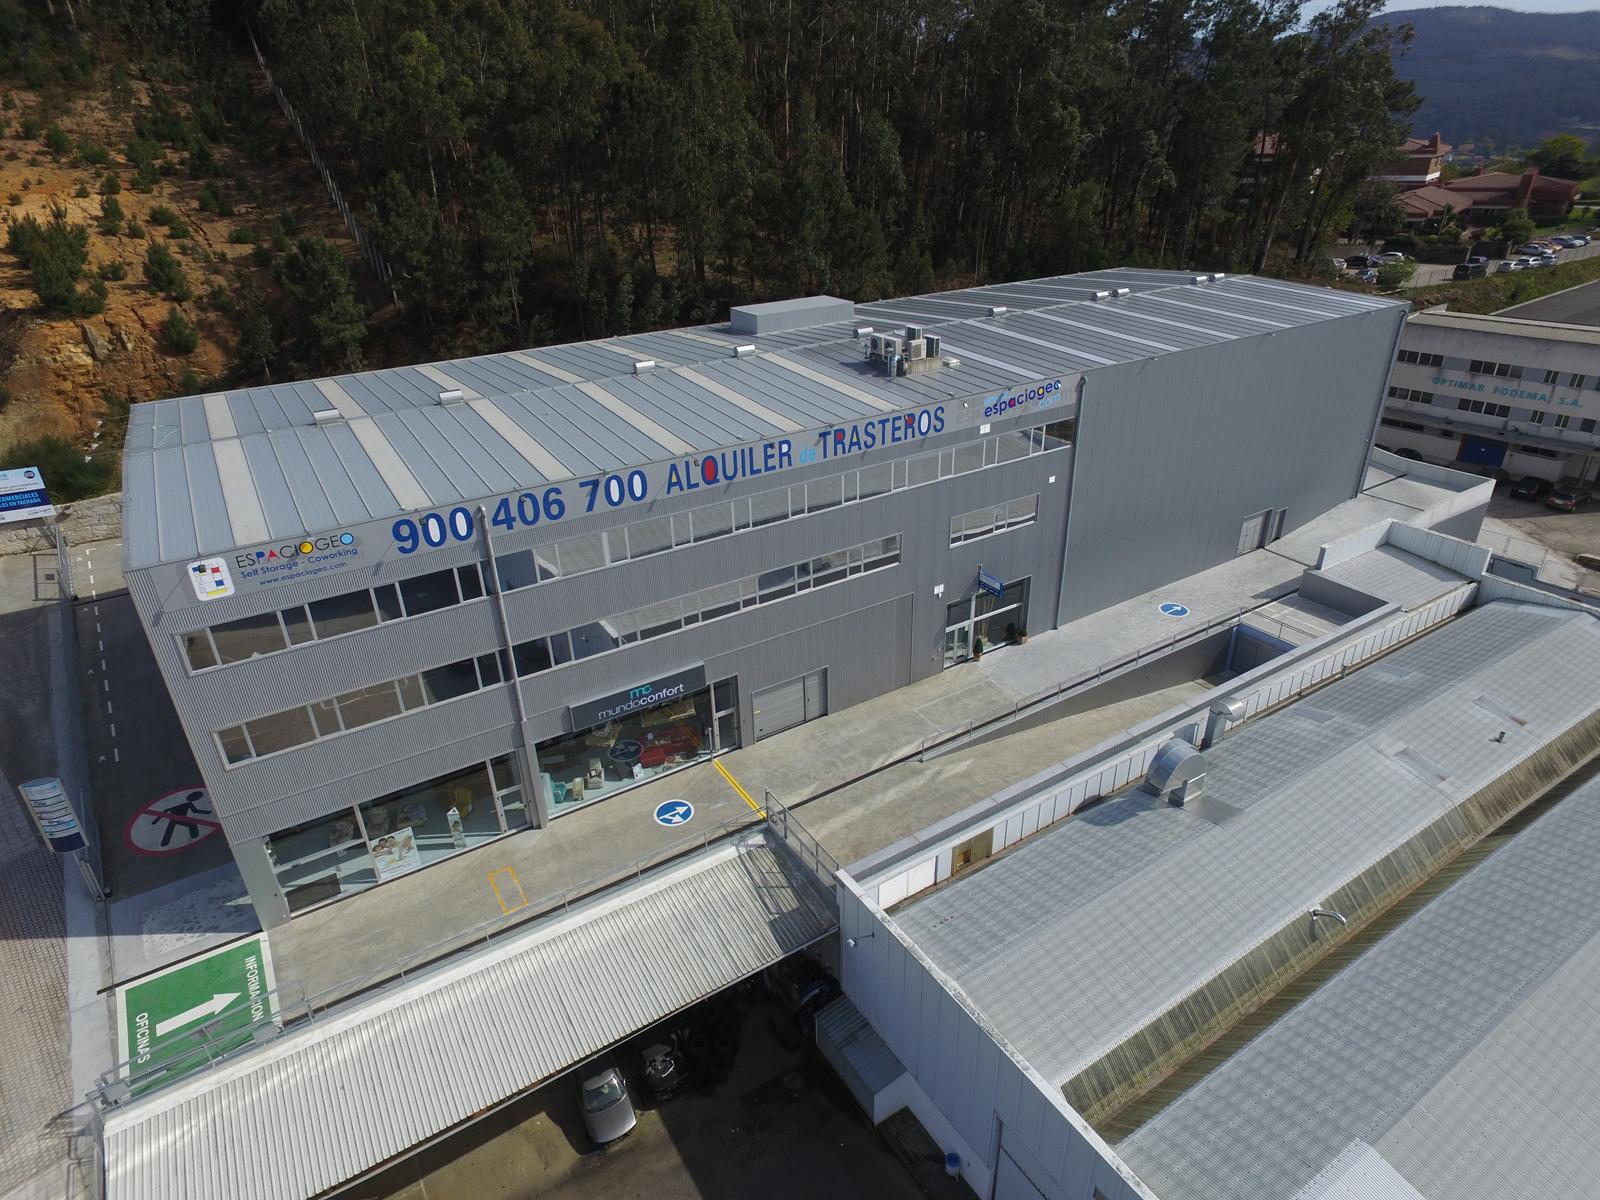 Alquiler de trasteros baratos en Espaciogeo Vigo